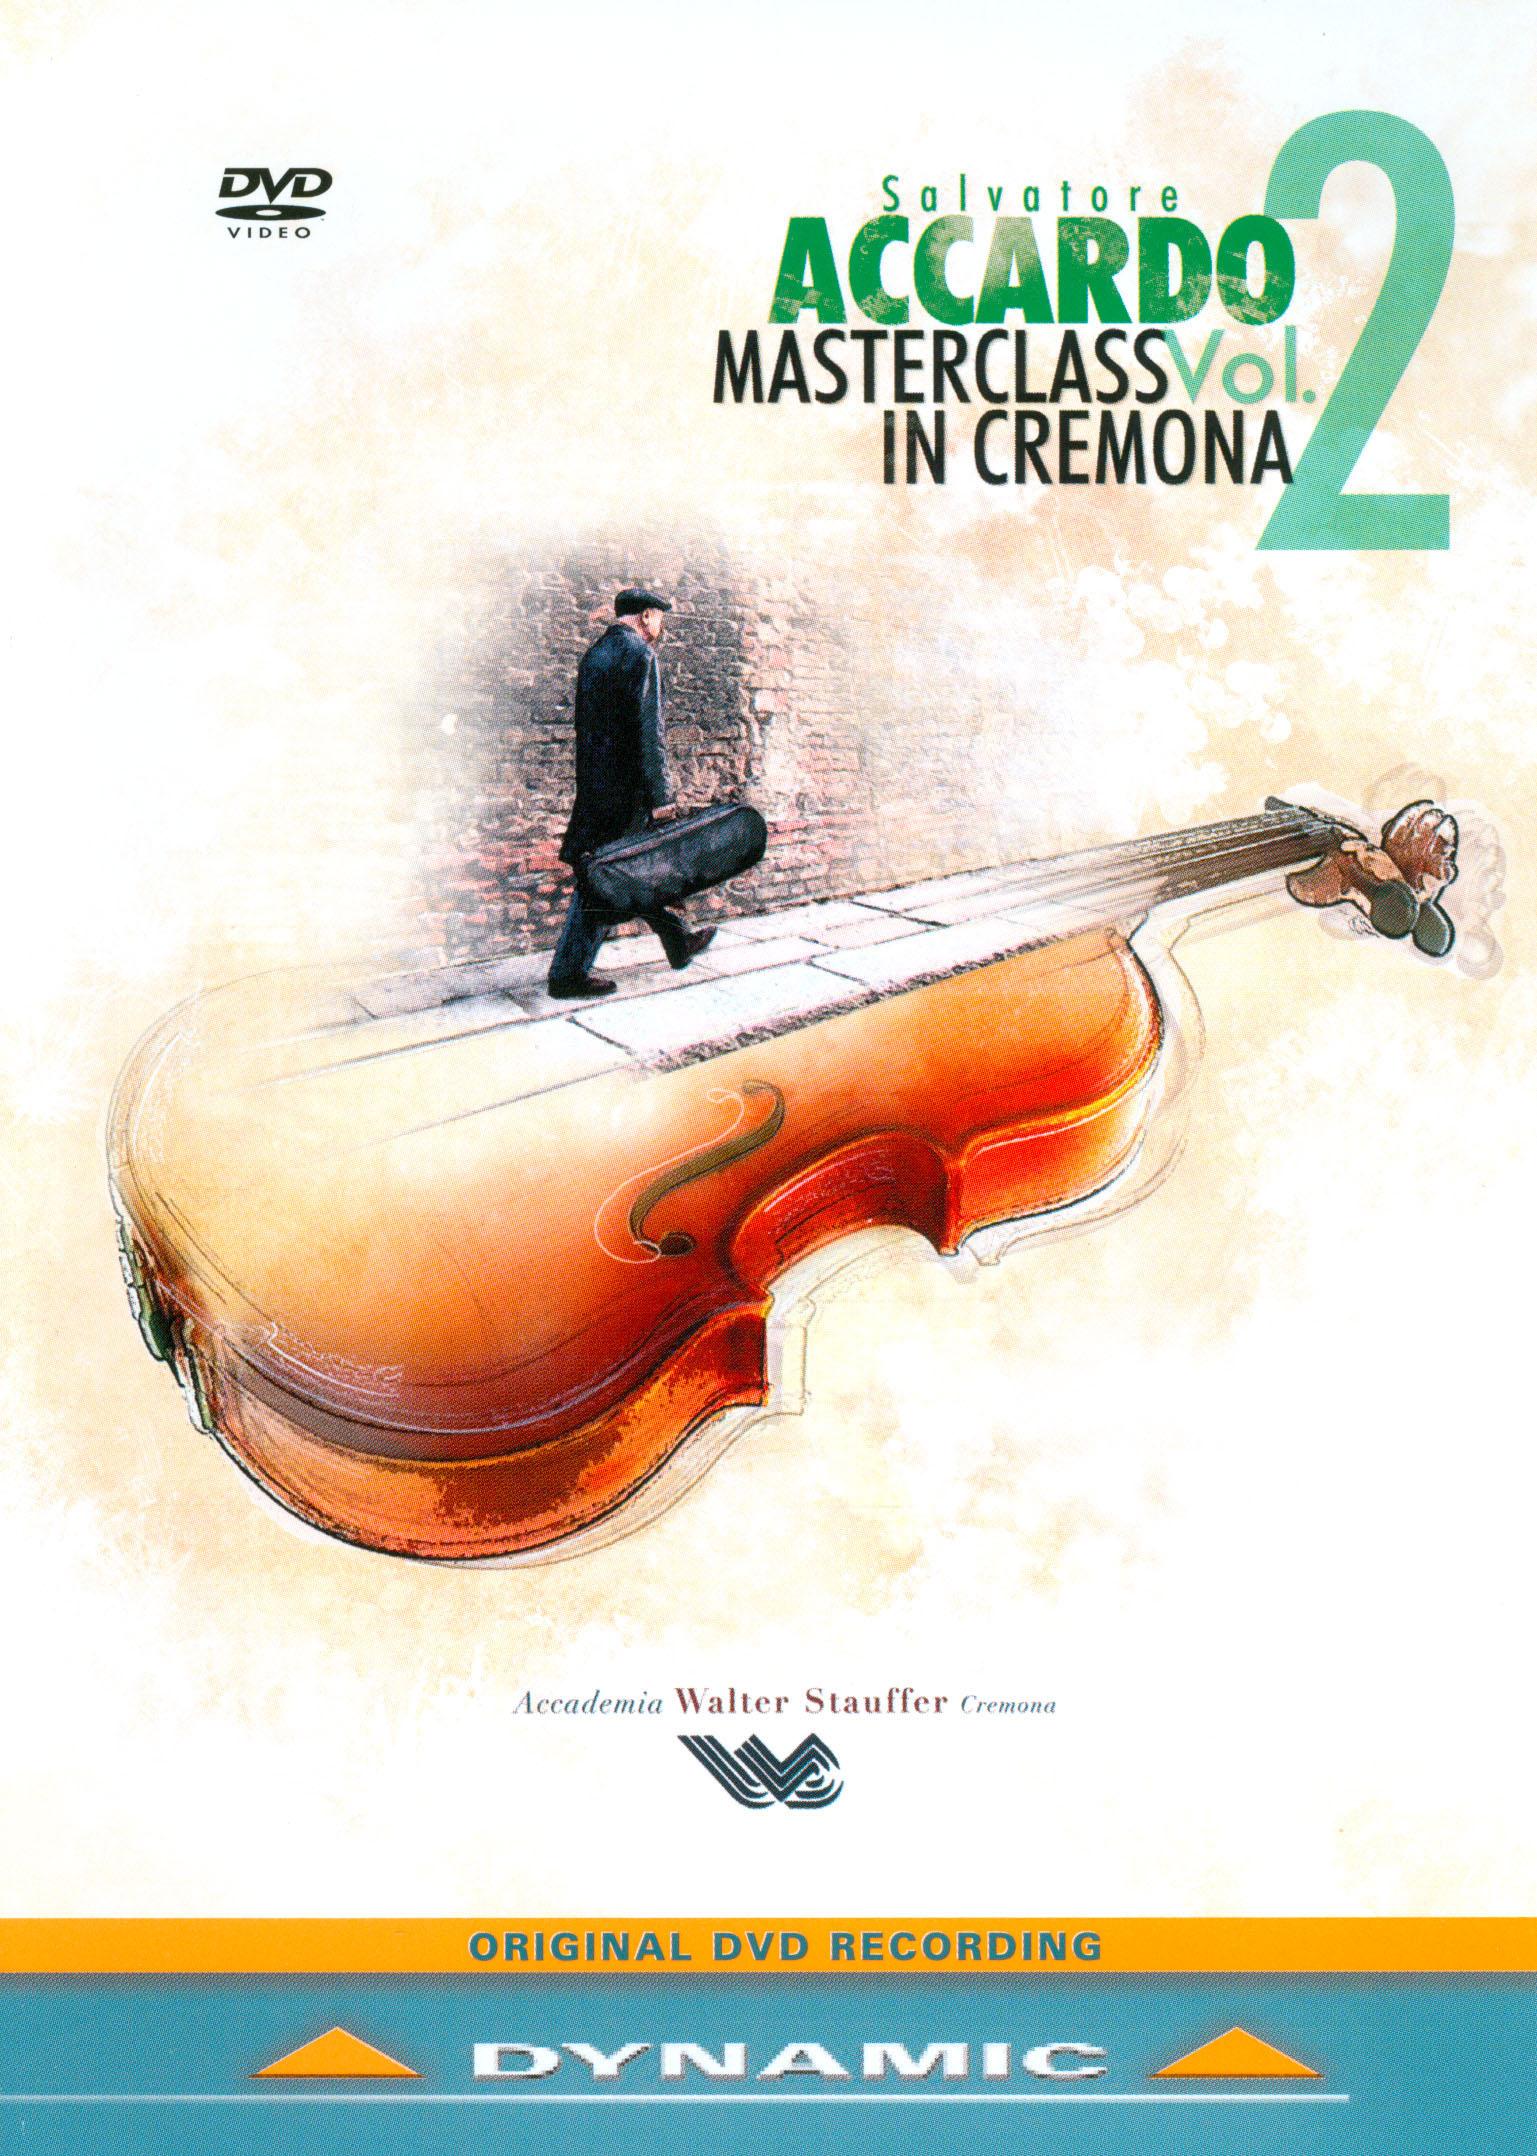 Salvatore Accardo: Masterclass in Cremona, Vol. 2